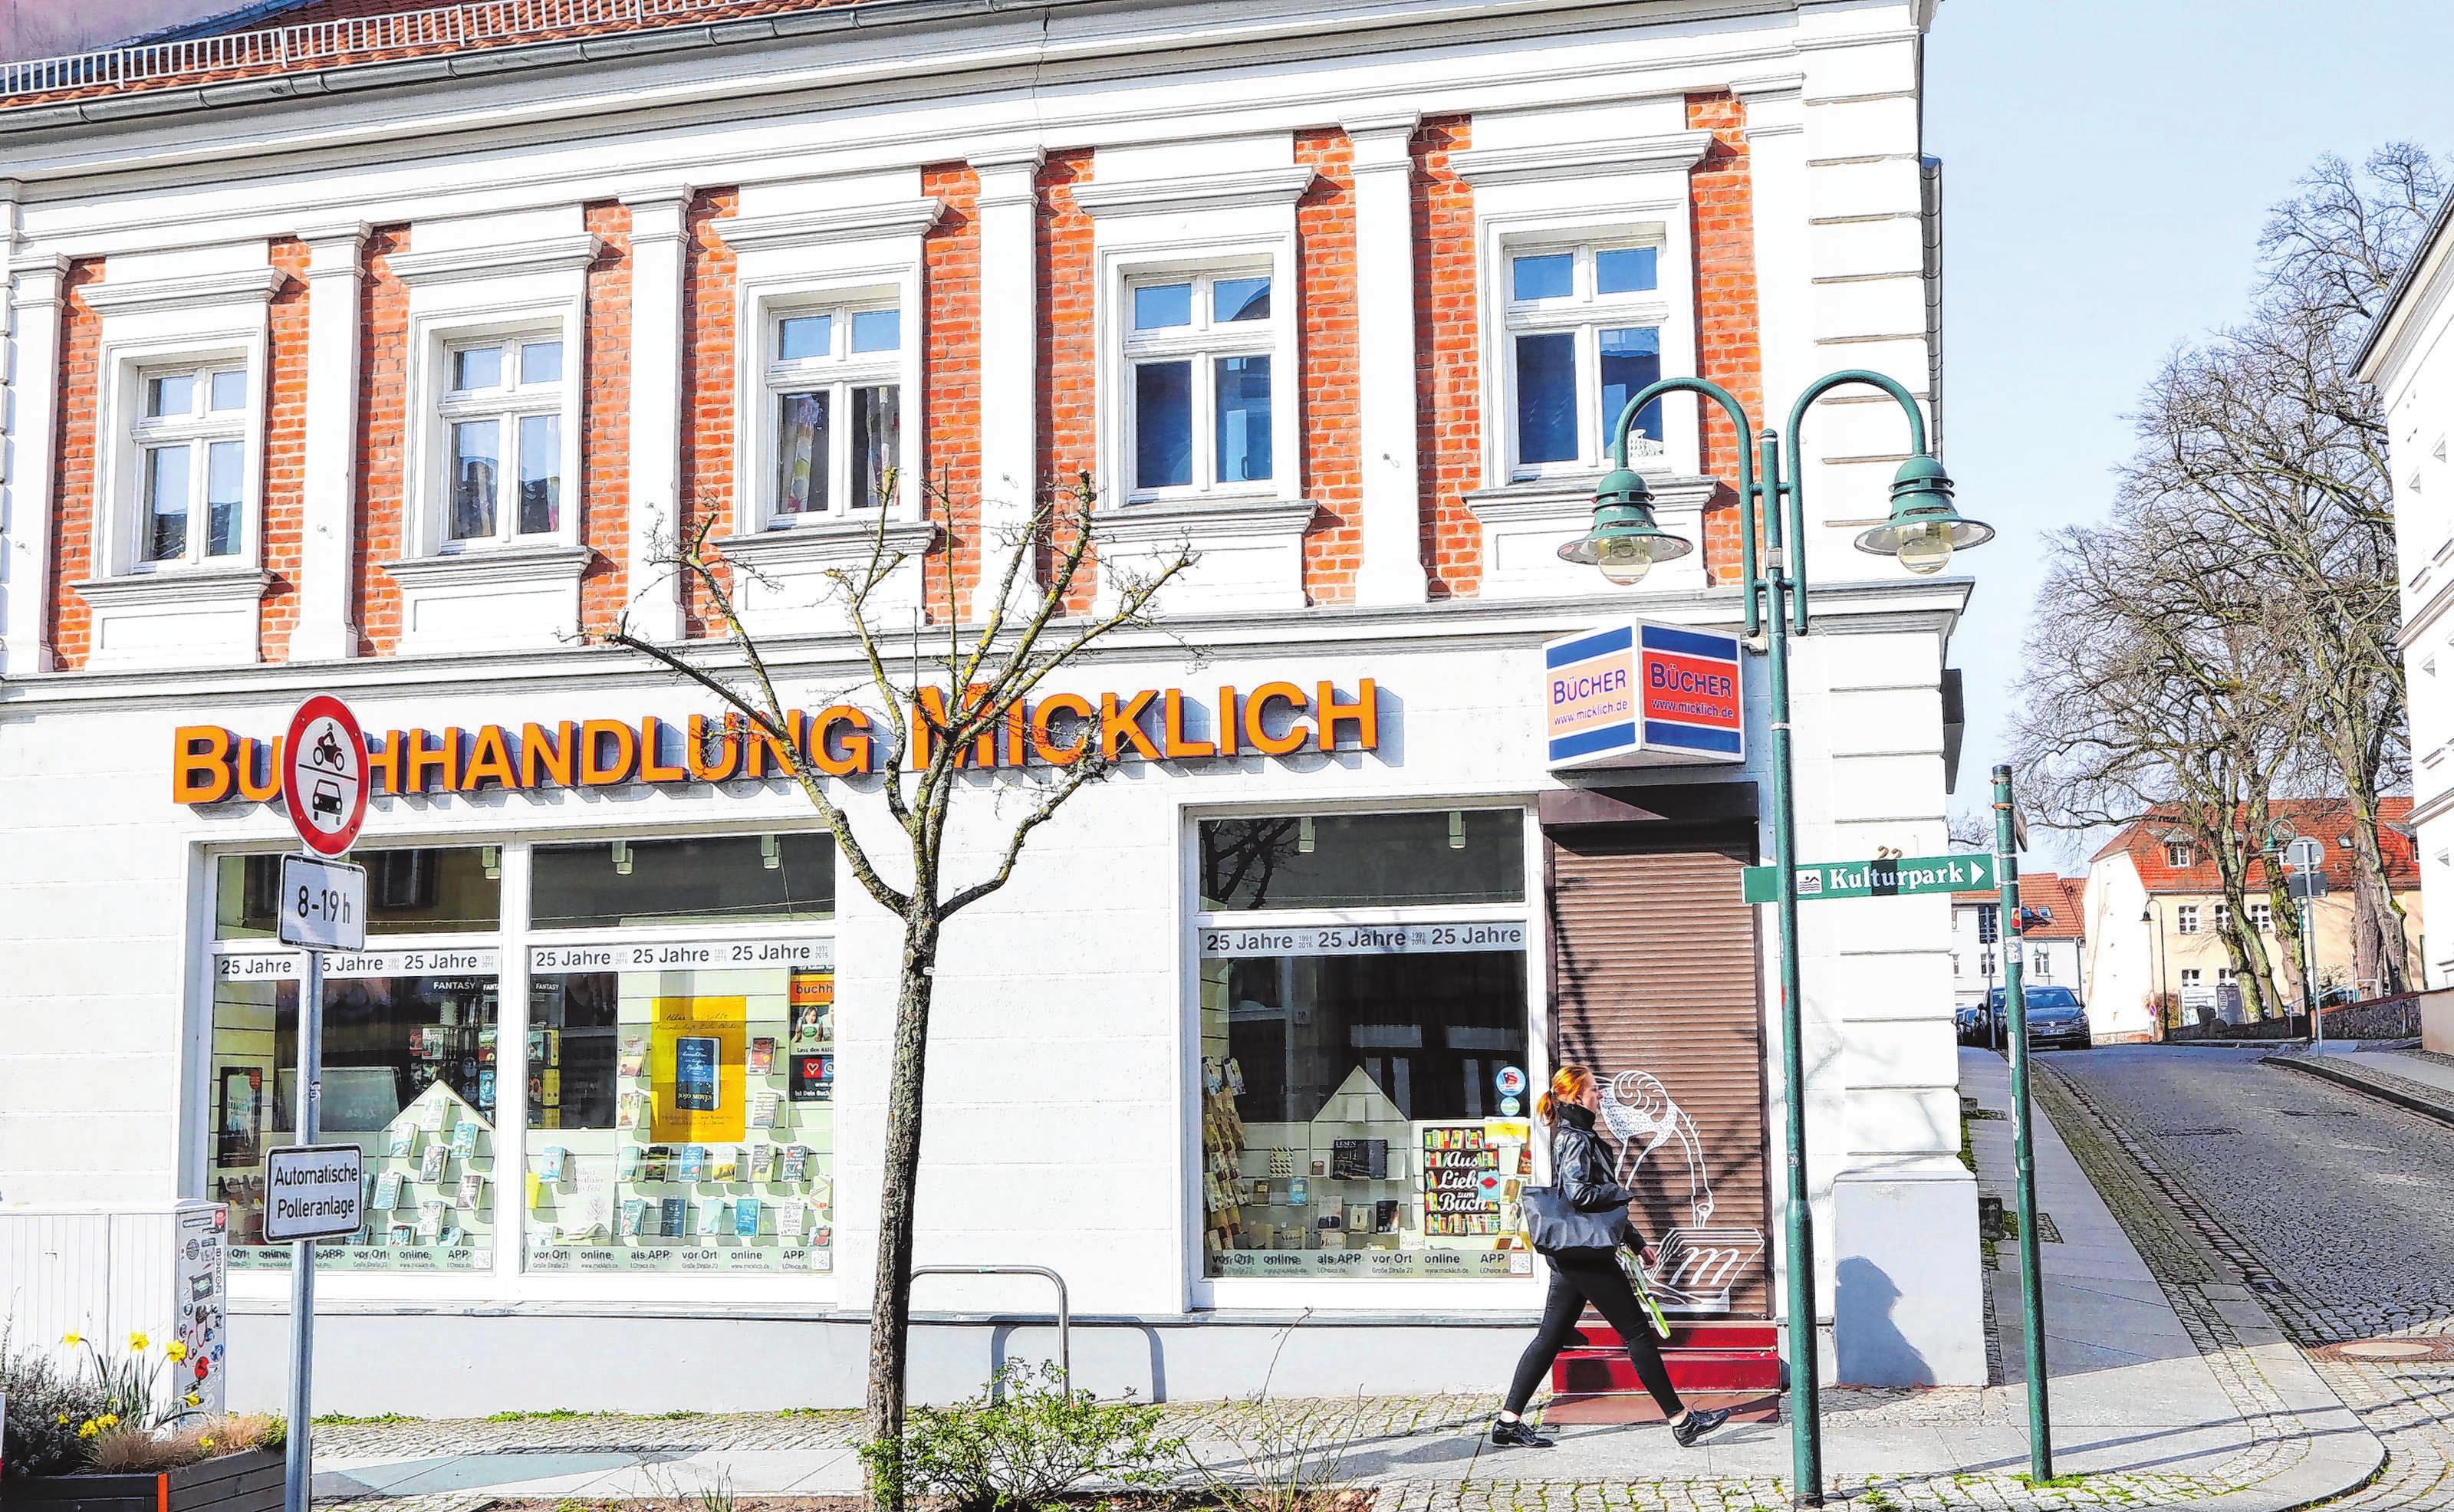 Die Buchhandlung Micklich in der Großen Straße in Strausberg bleibt wegen Corona-Krise geschlossen, ist aber online erreichbar. Foto: Gerd Markert